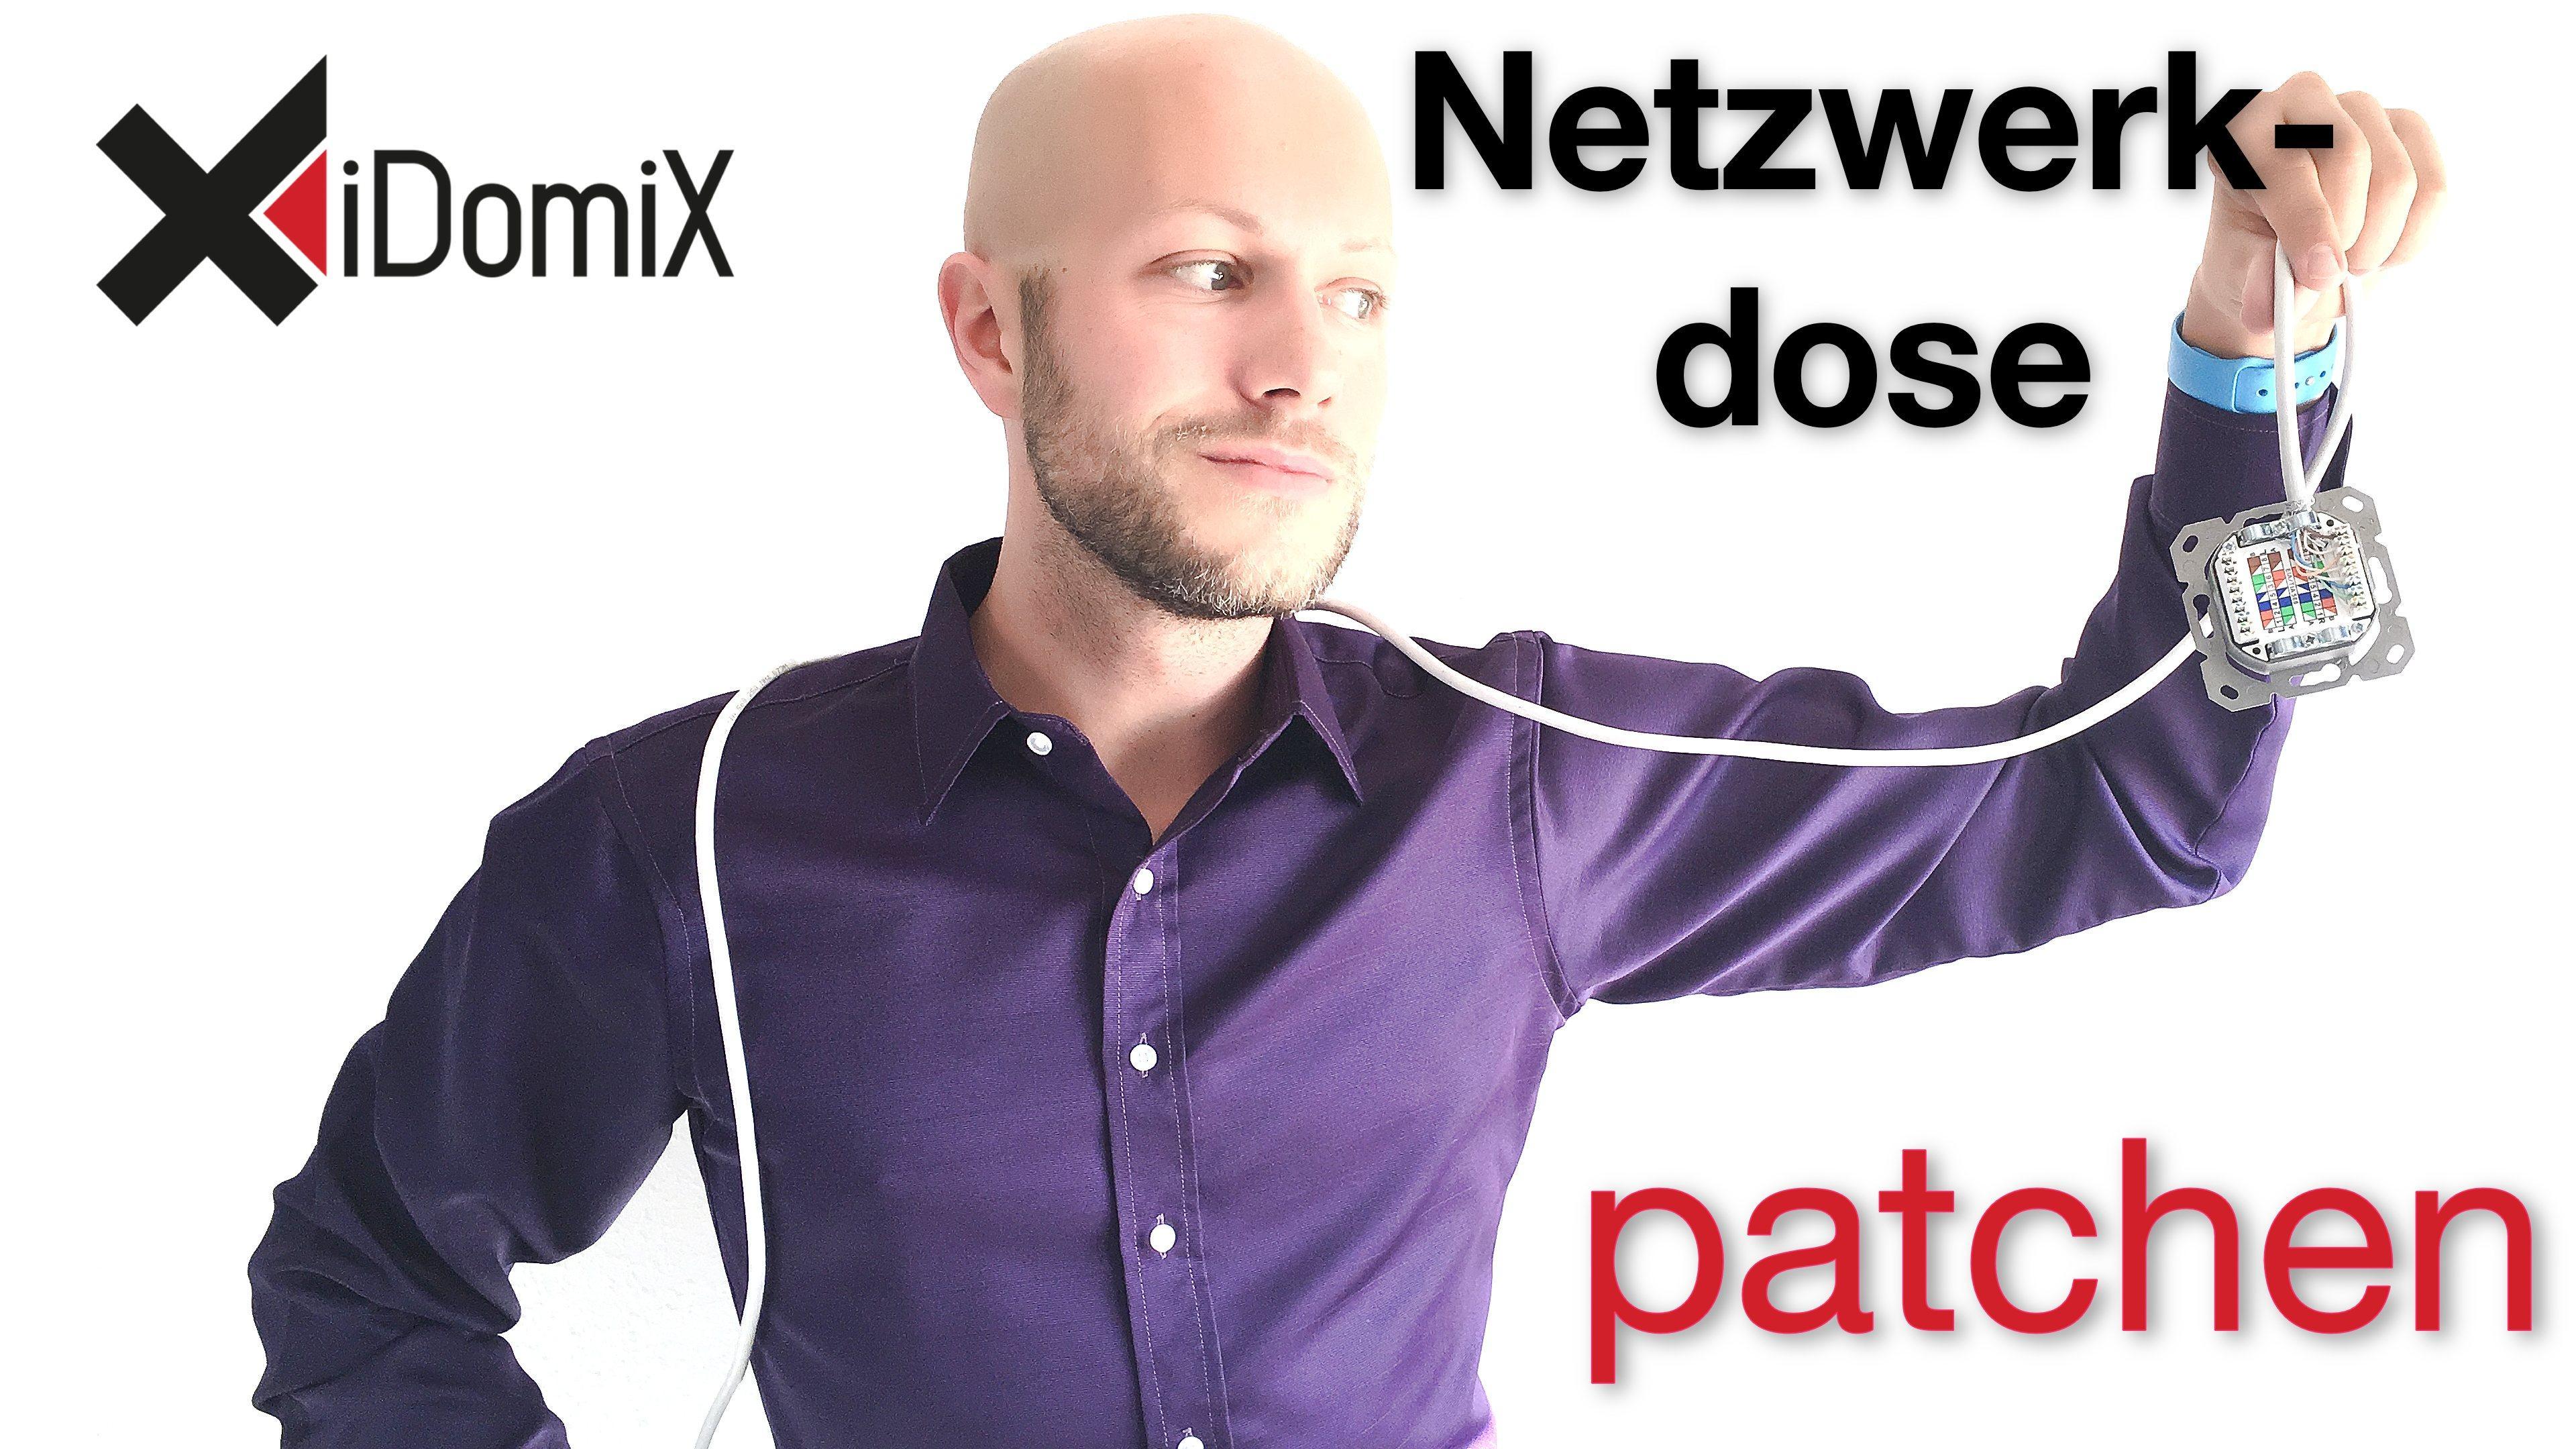 Netzwerkdose verkabeln anschließen patchen